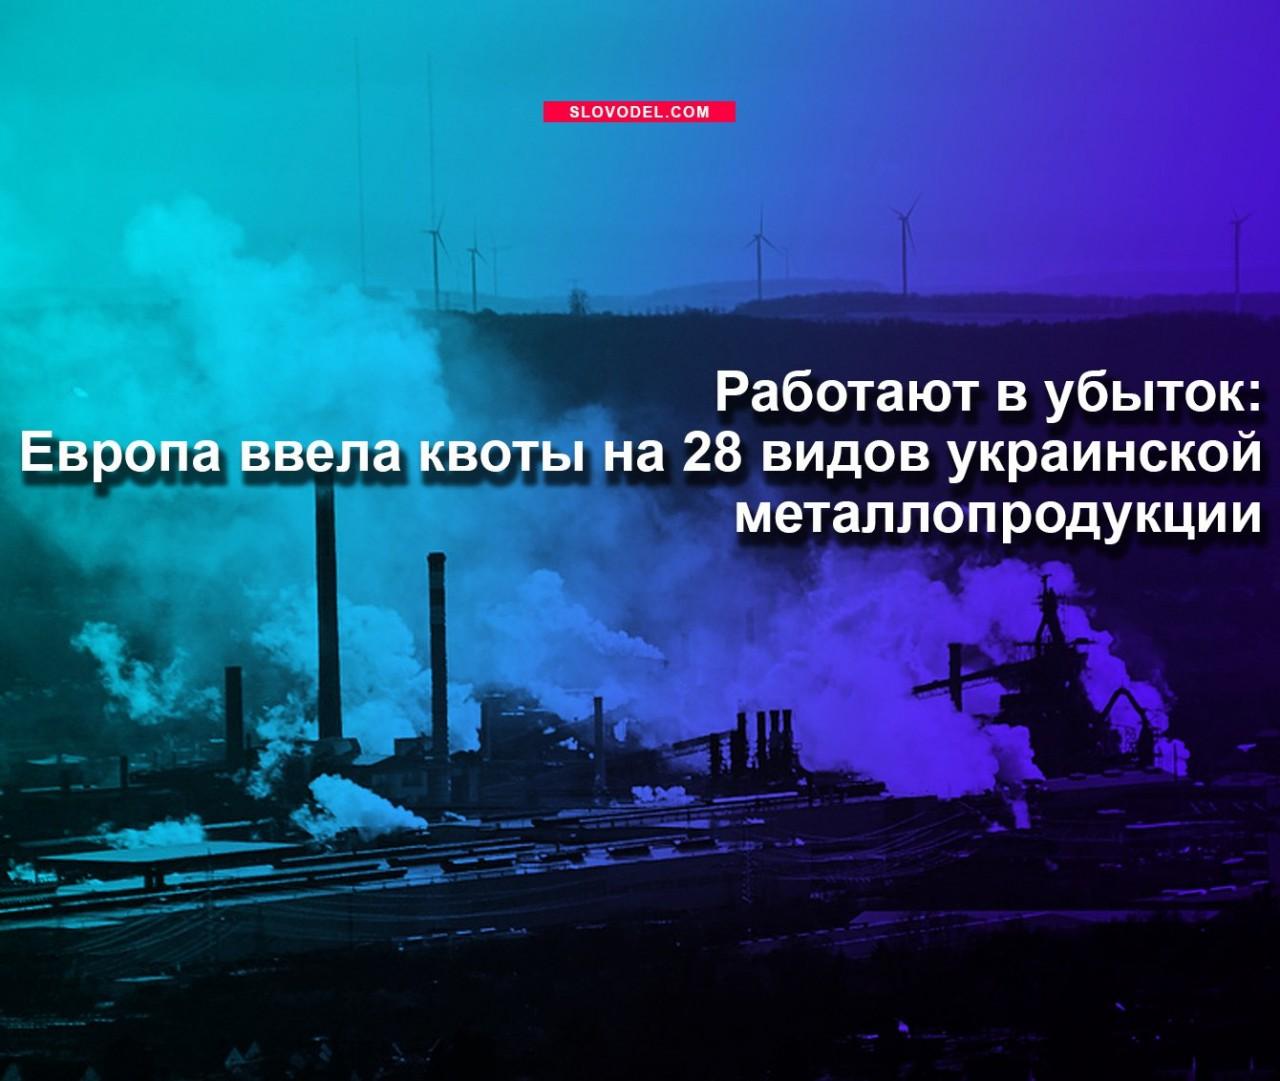 Работают в убыток: Европа ввела квоты на 28 видов украинской металлопродукции